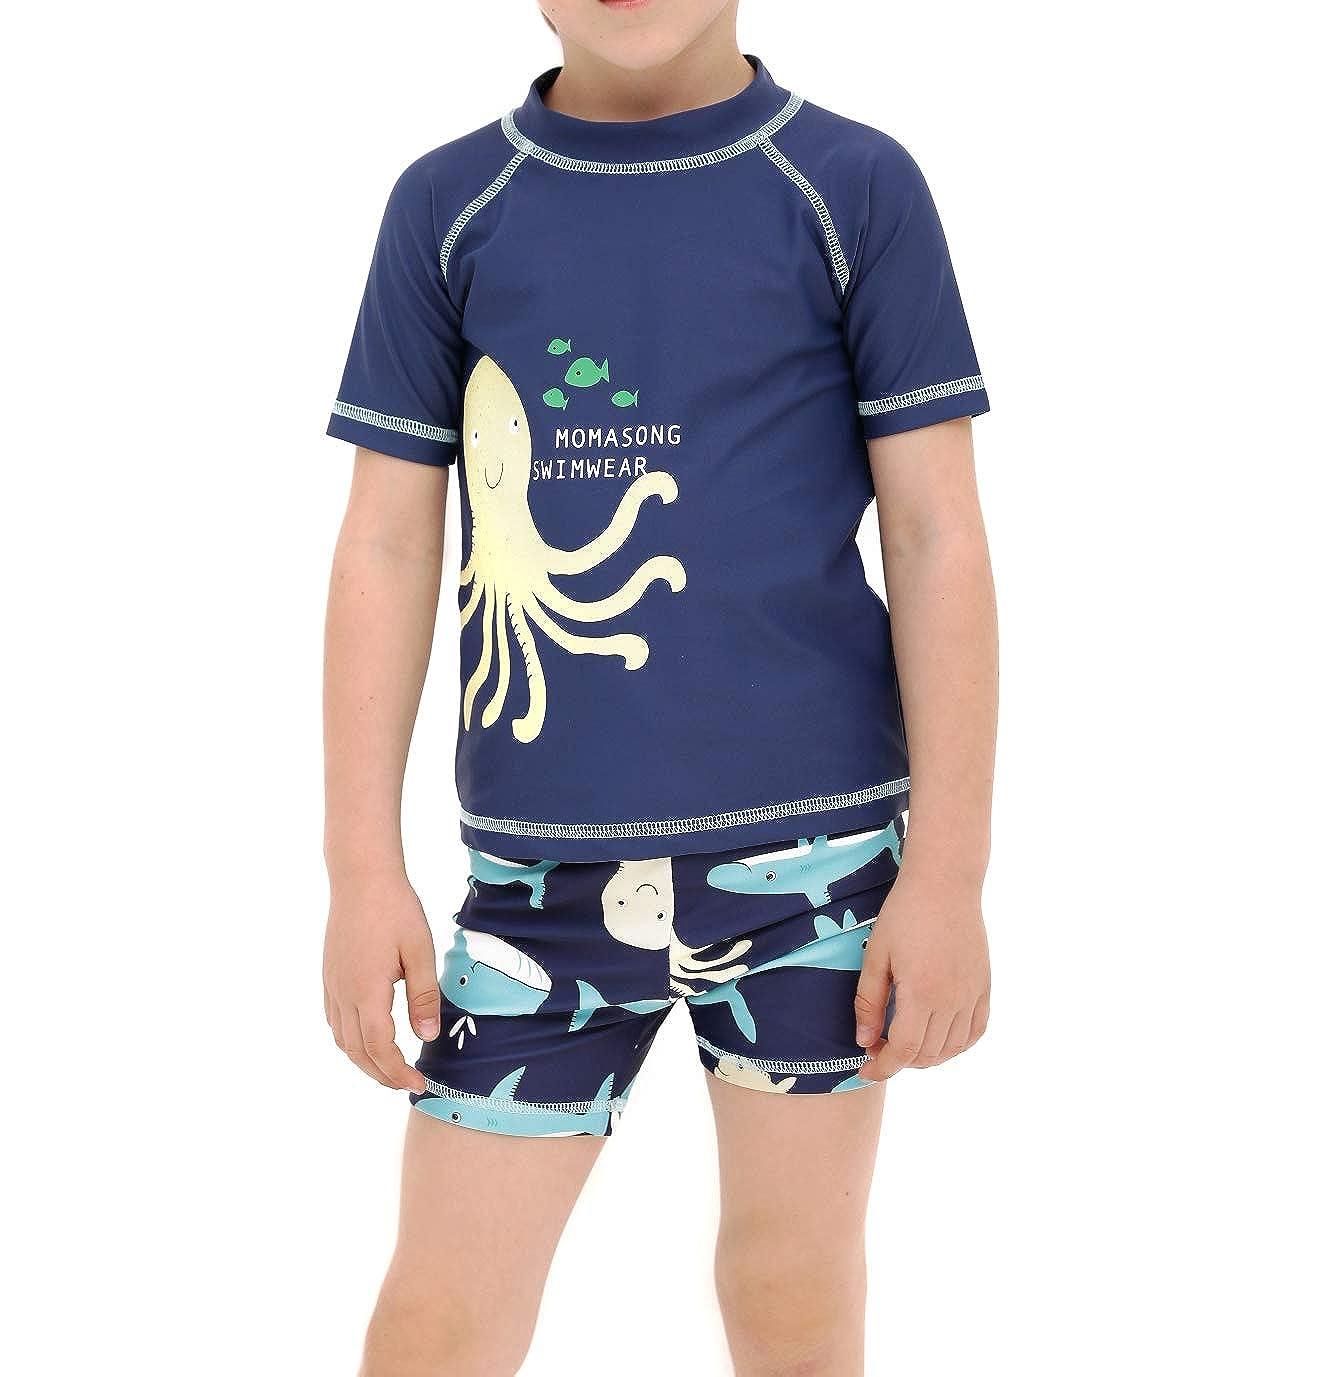 LAPLBEKE Baby Jungen Zwei St/ück Badebekleidung Kinder Rash Guard Schwimmbekleidung Kleinkind Badeanzug Schnell Trocknend UV-Schutz Bade Set Mit Hut